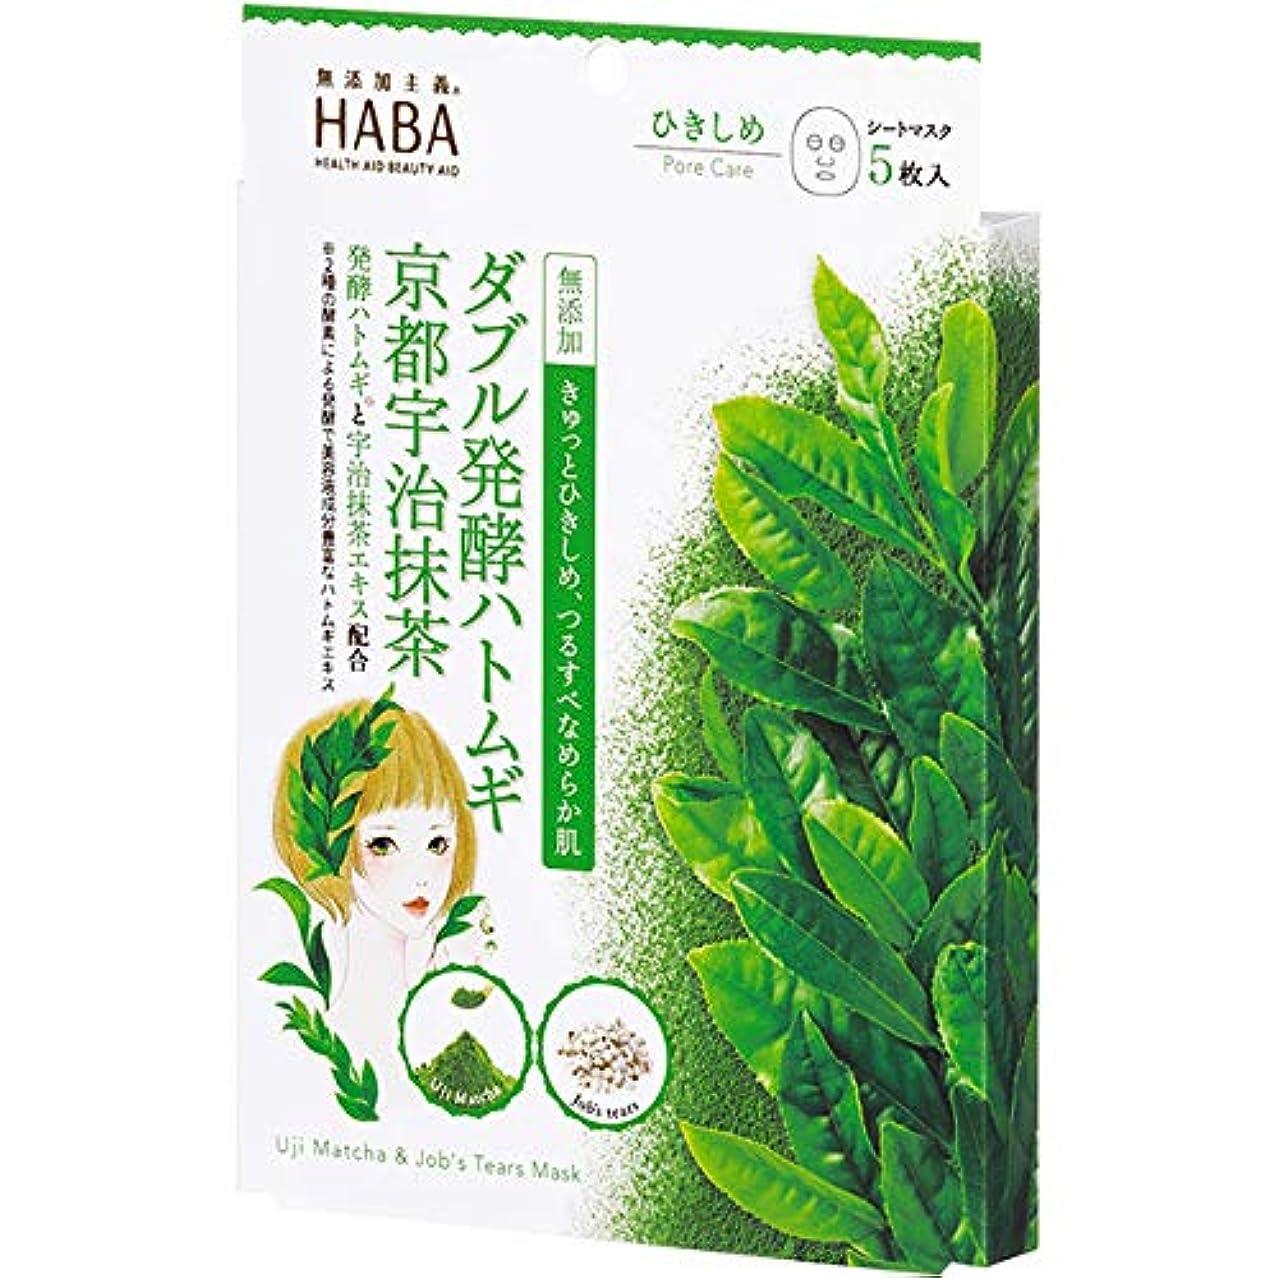 目に見える農村びっくりハーバー 発酵ハトムギ宇治抹茶マスク 5包